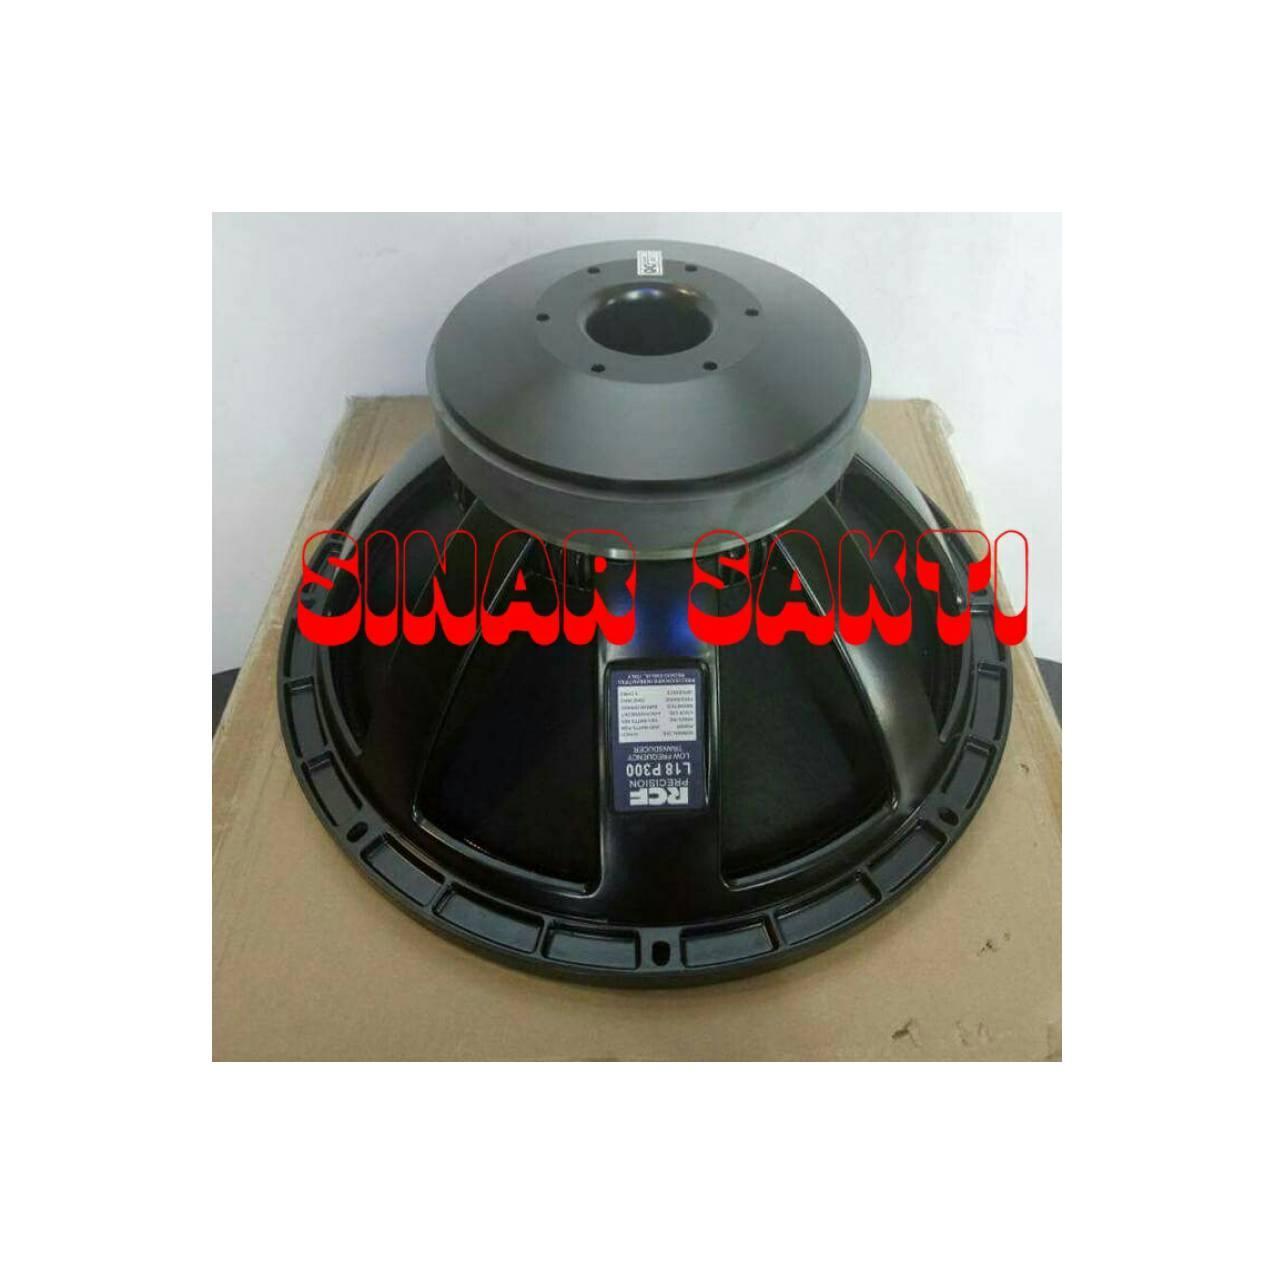 SPEAKER SUBWOOFER RCF L18 P300 ( 18 INCH ) GRADE A